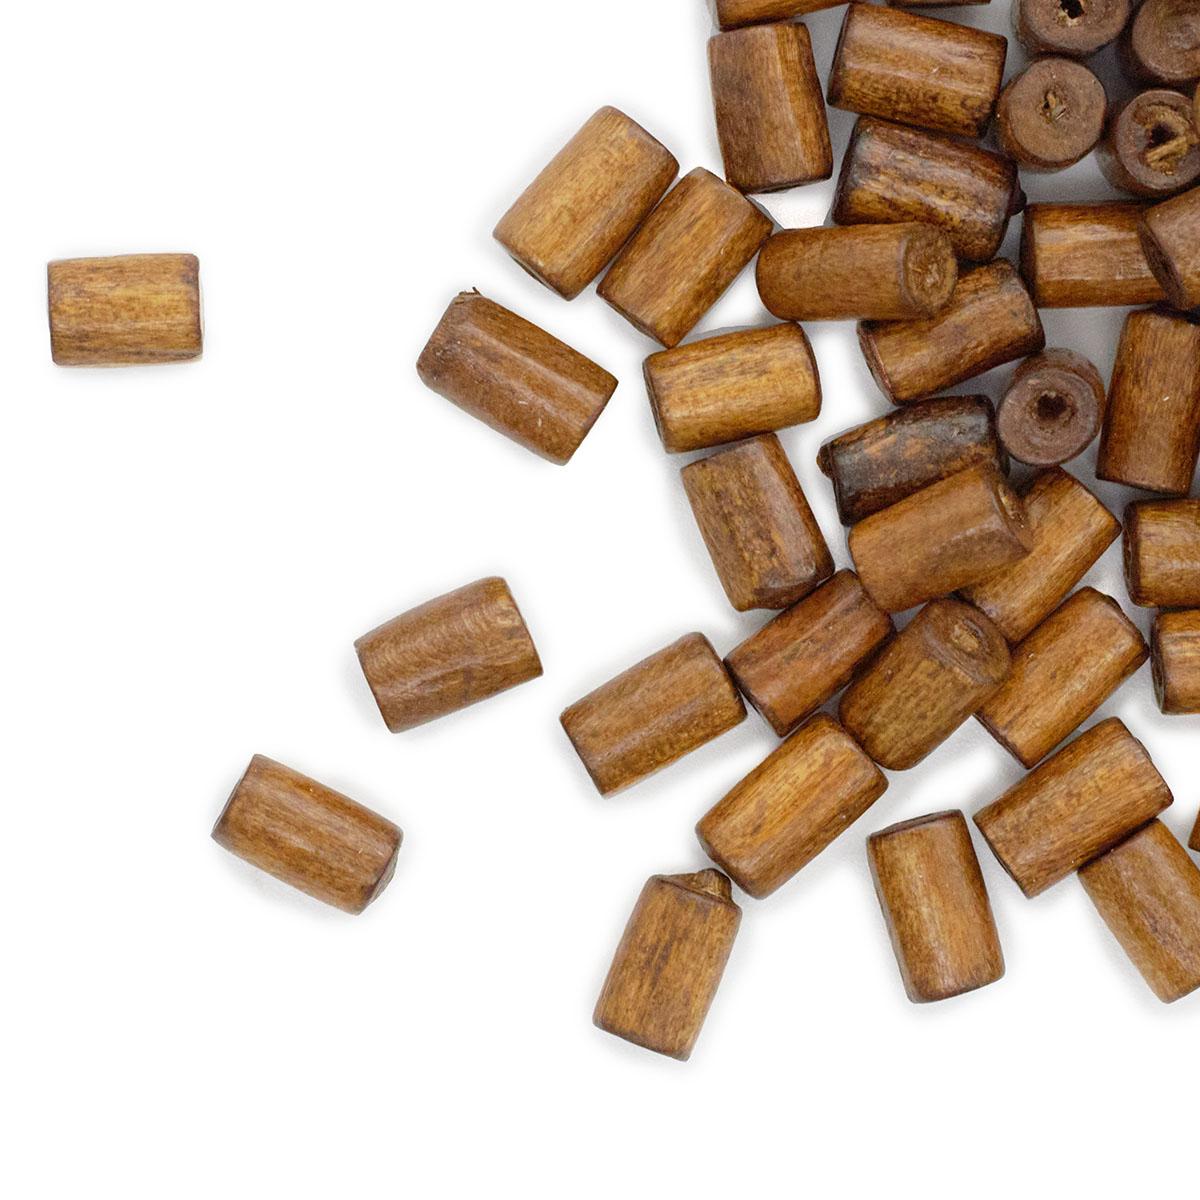 WDB0424 Деревянные бусины, кофейный, 8*4 мм, упак./250 шт./упак., 'Астра'